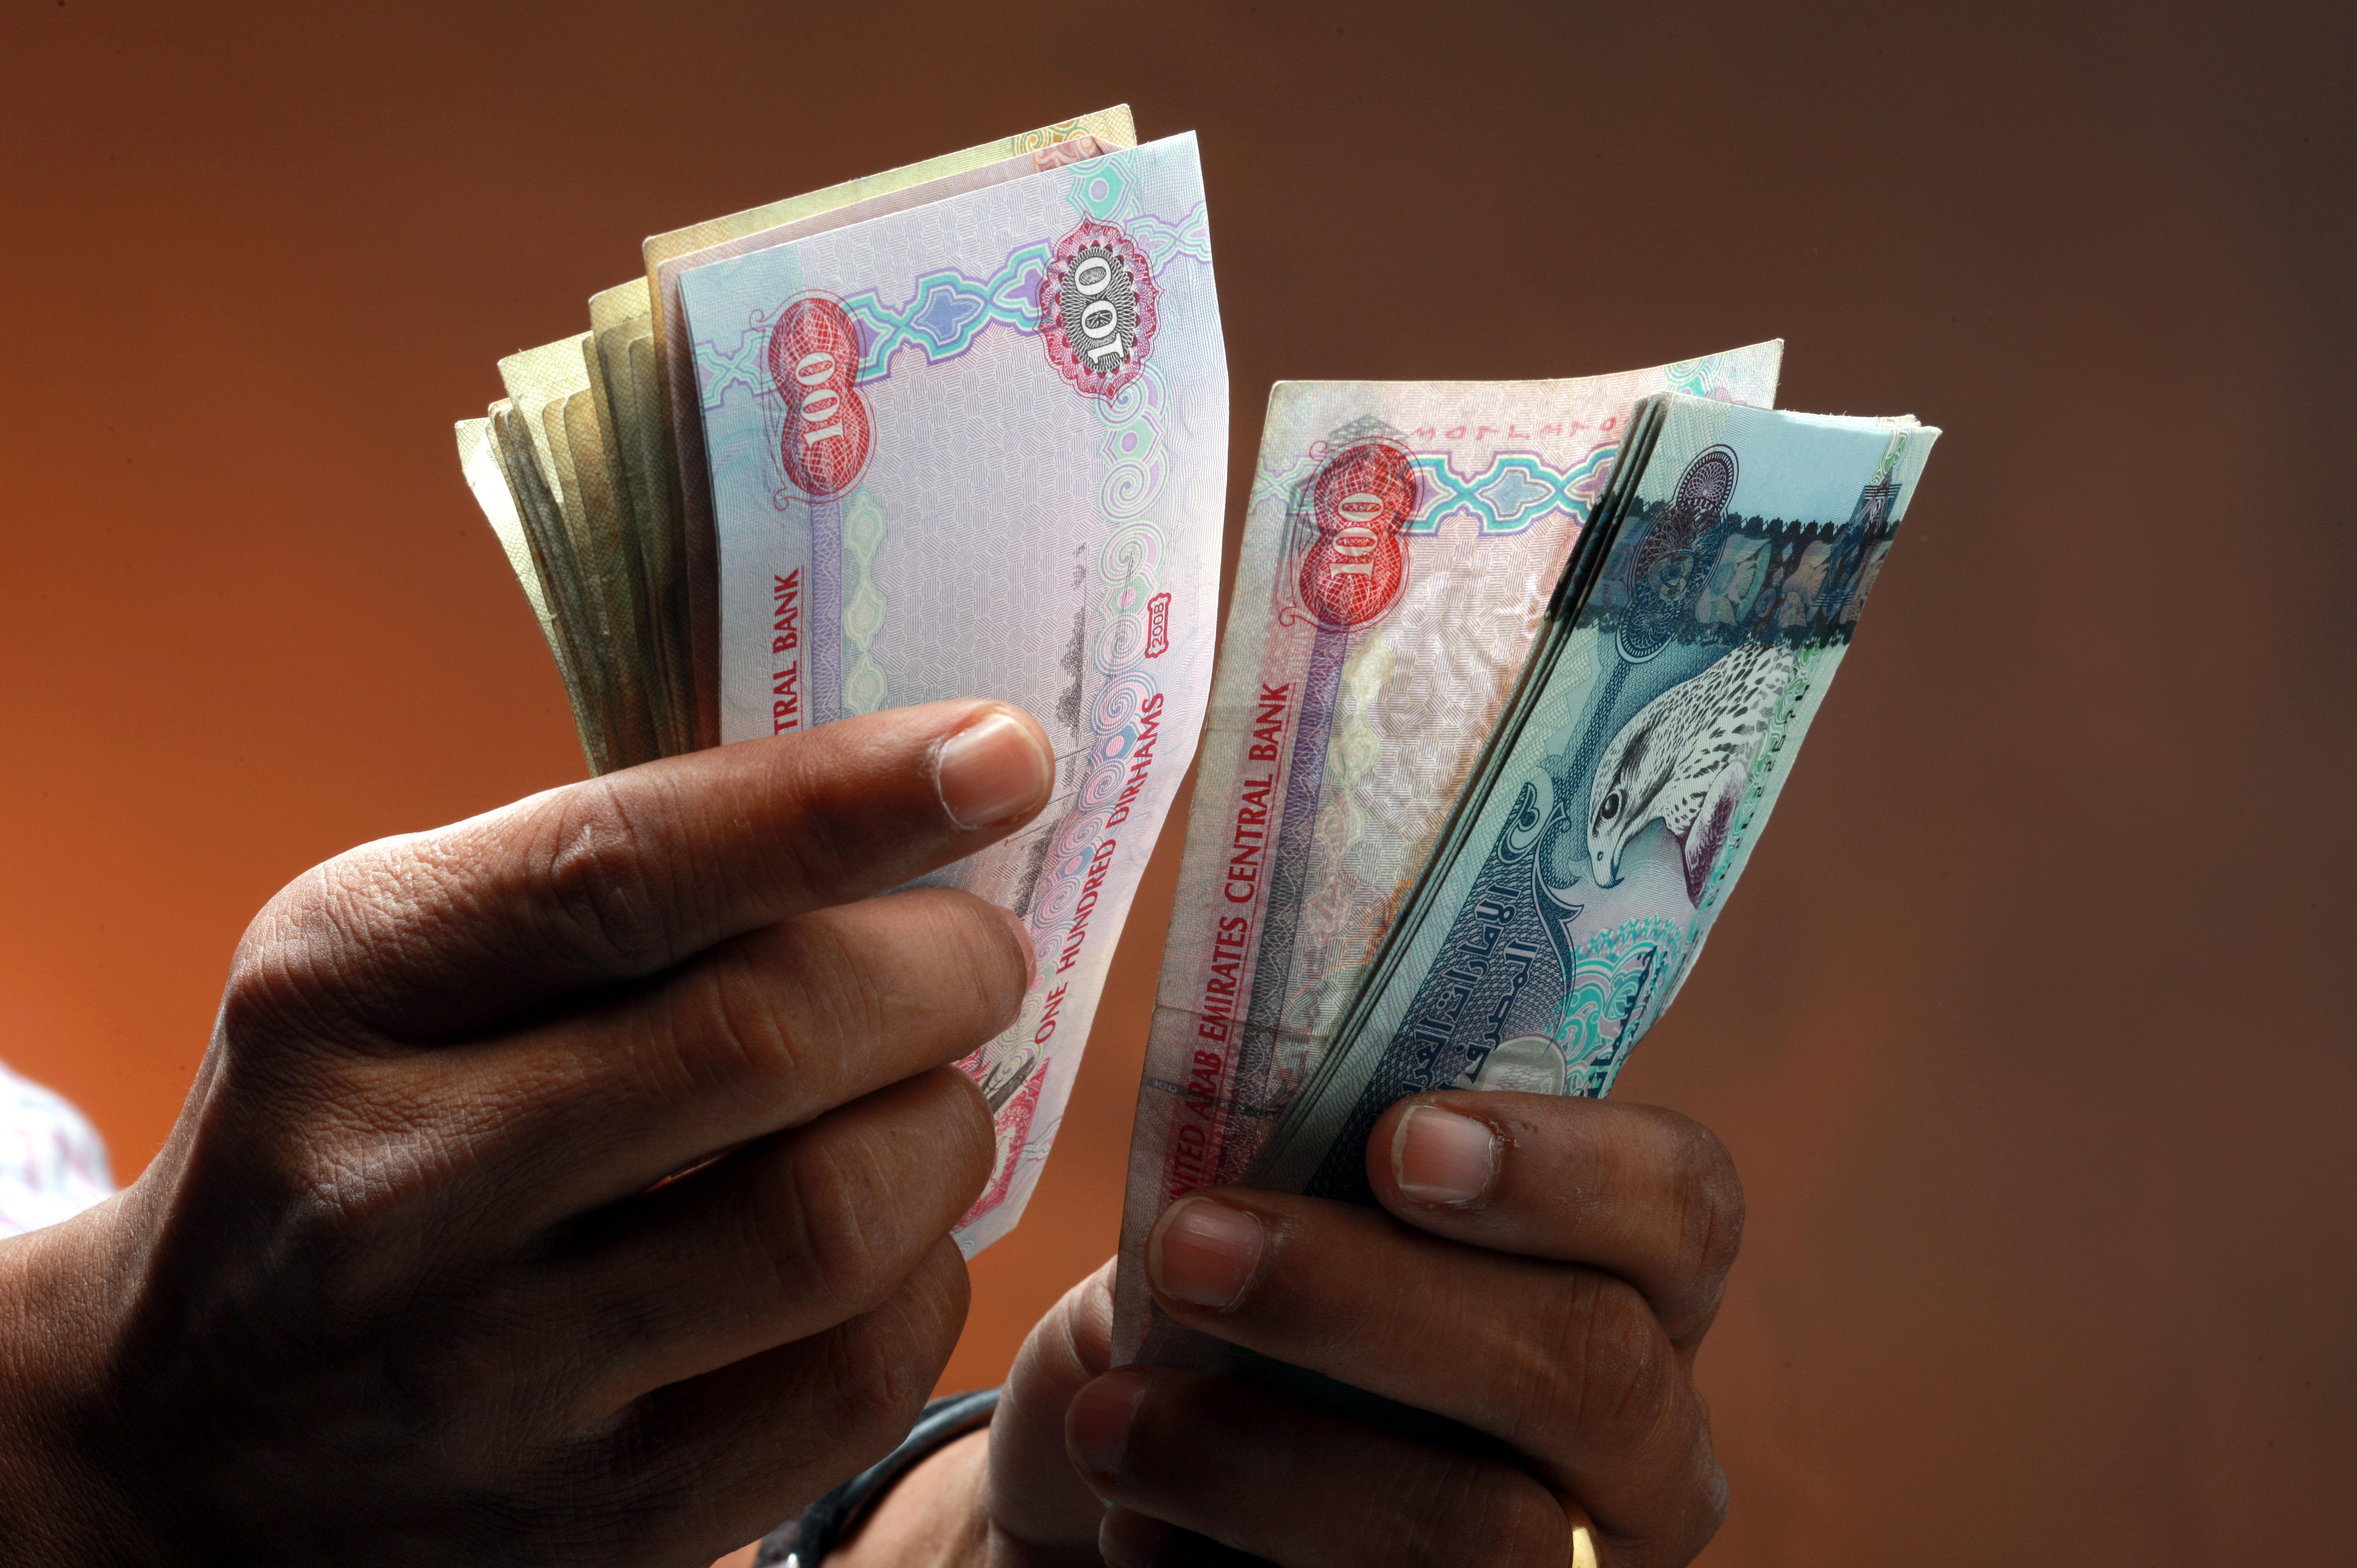 الإمارات الثالثة خليجياً في ارتفاع رواتب مدراء الشركات